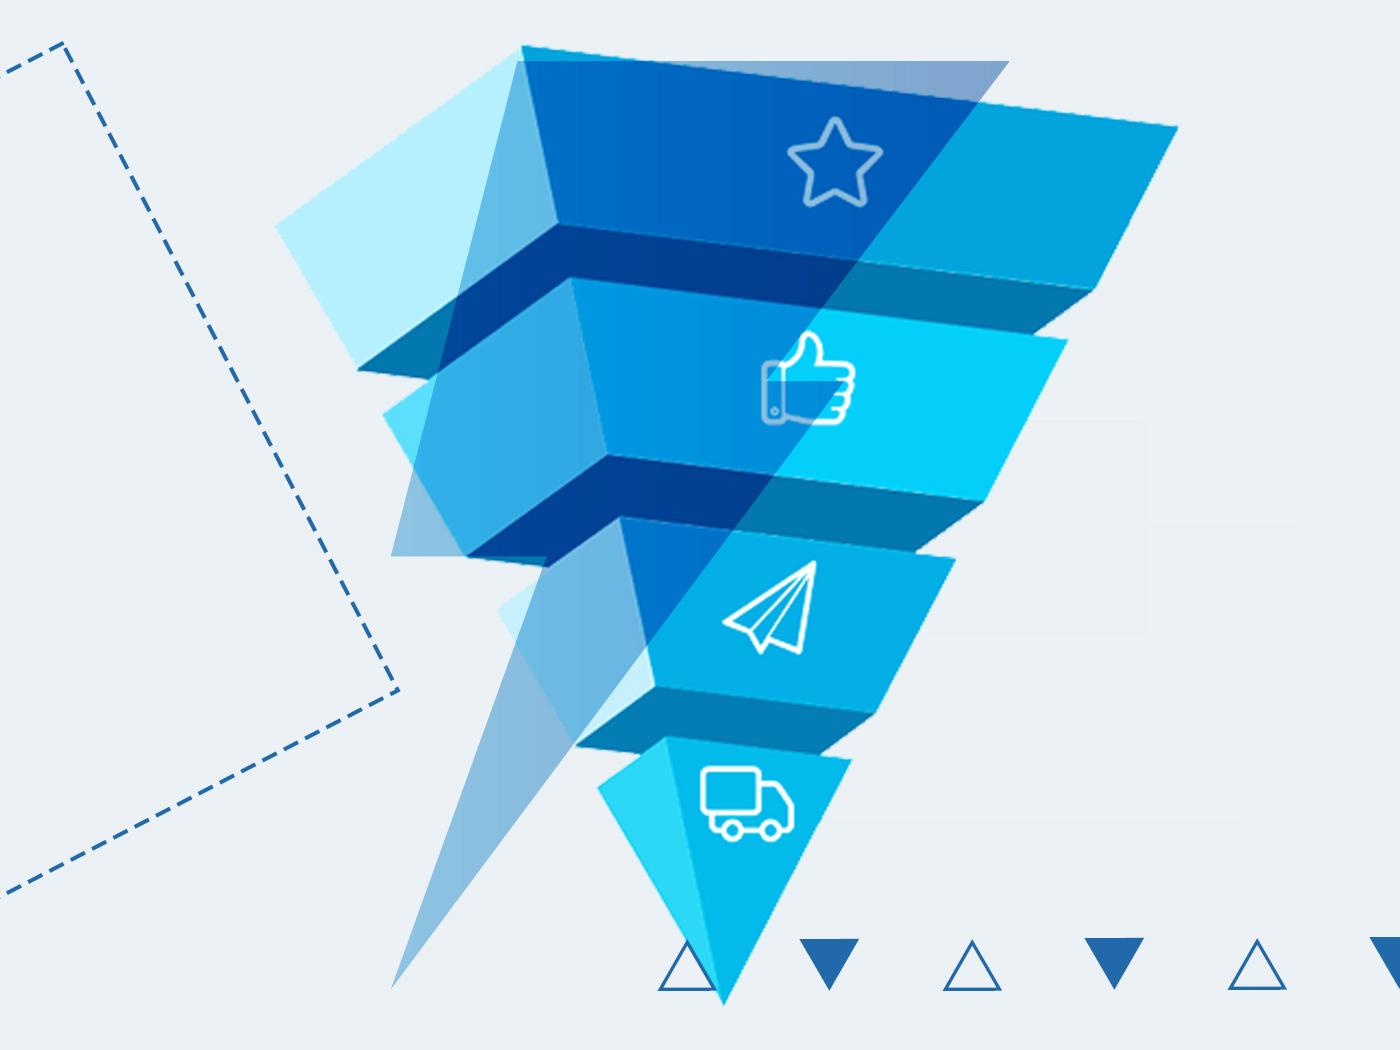 O modelo AIDA é uma estratégia bastante utilizada por profissionais de marketing. Conheça mais sobre este modelo